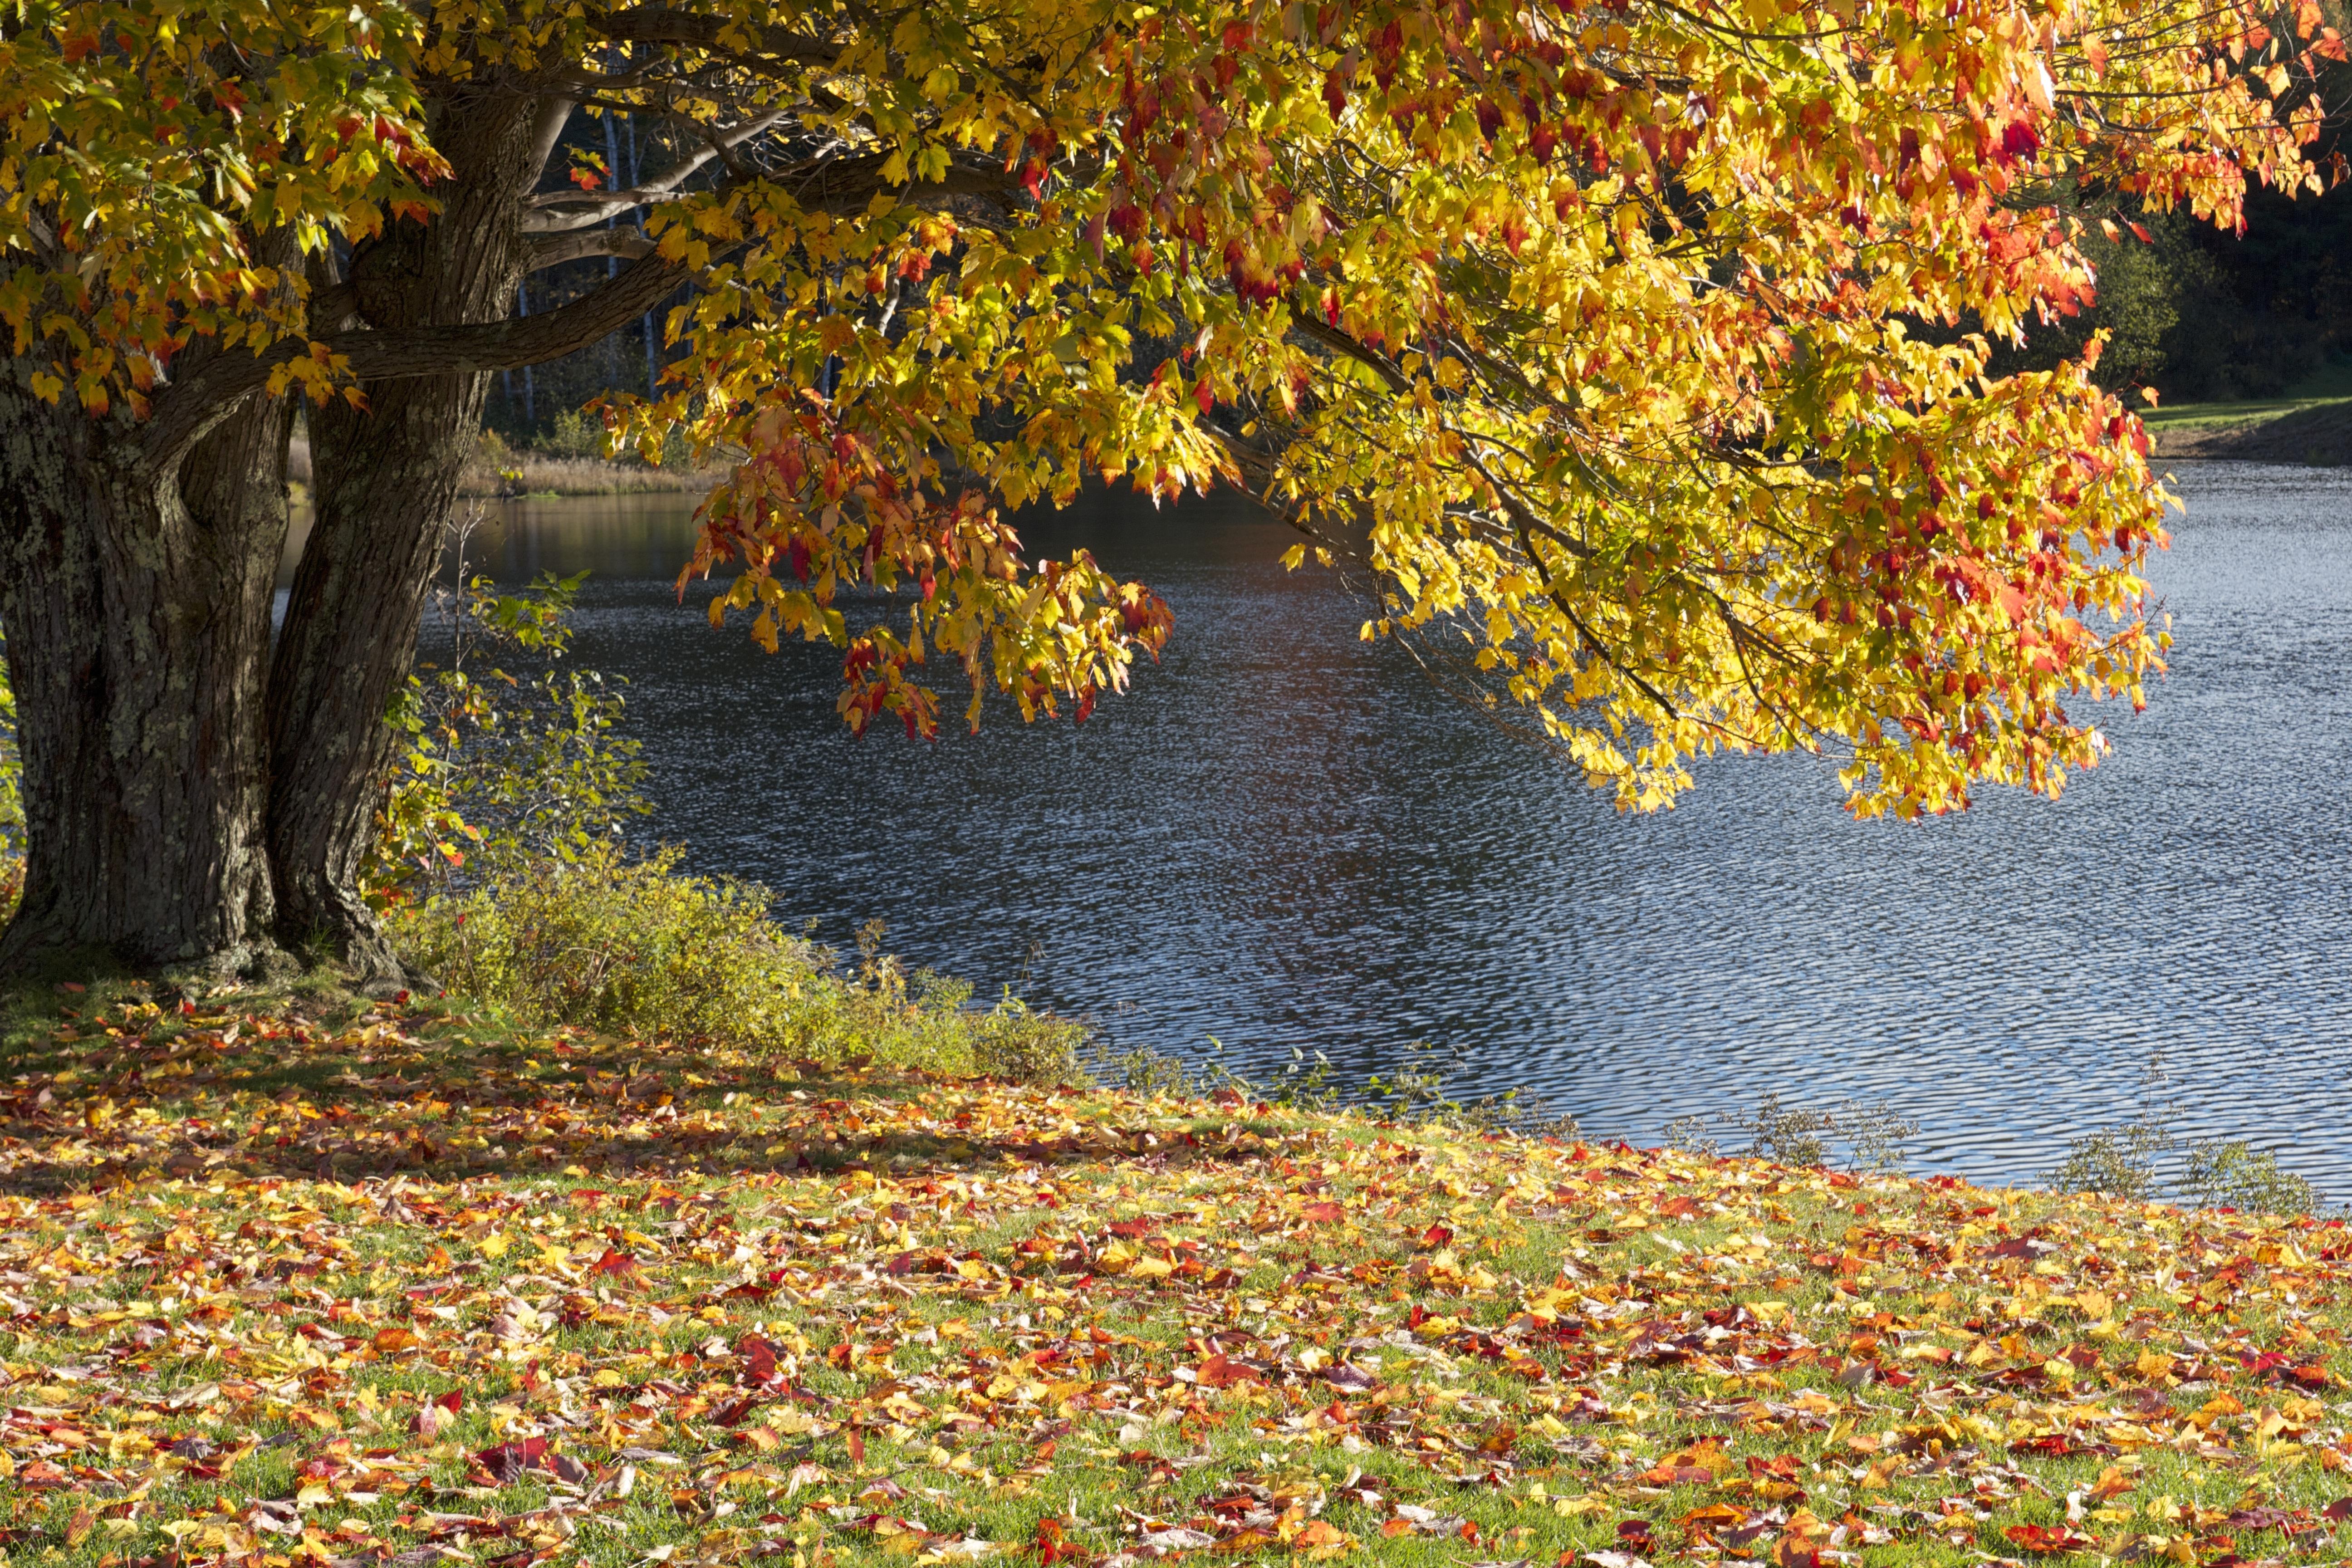 меня показать картинки осень золотая гармоничного оформления помещения